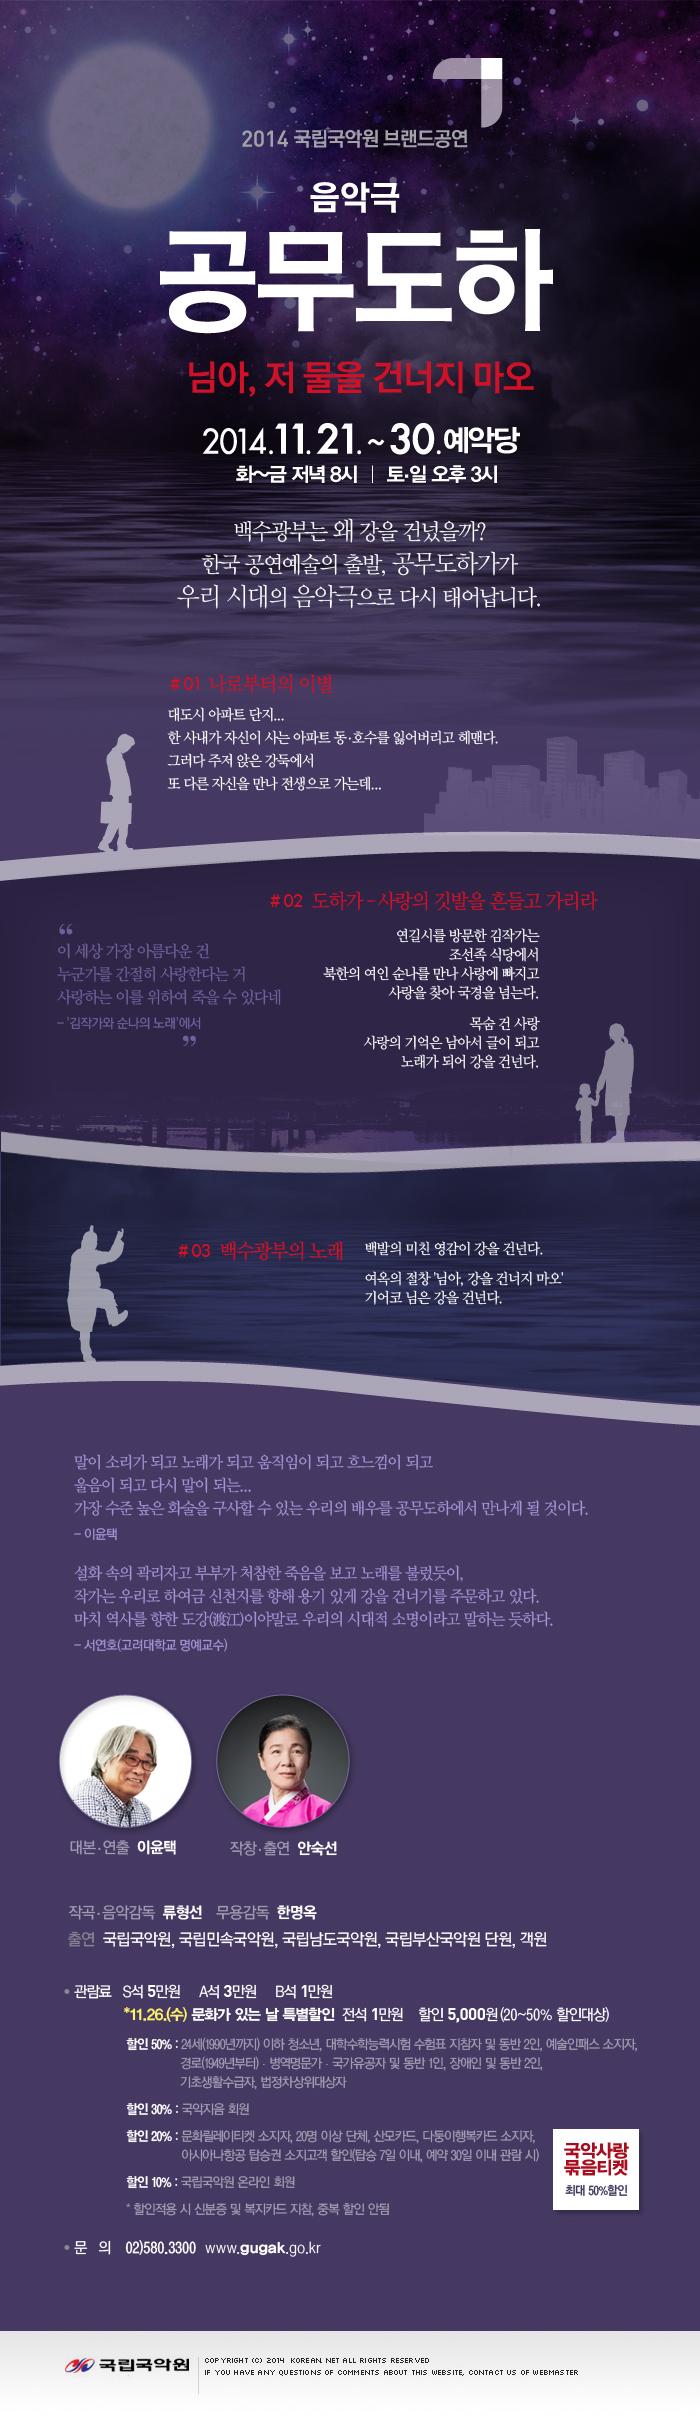 2014 국립국악원 브랜드공연-음악극 공무도하(님아, 저 물을 건너지 마오)